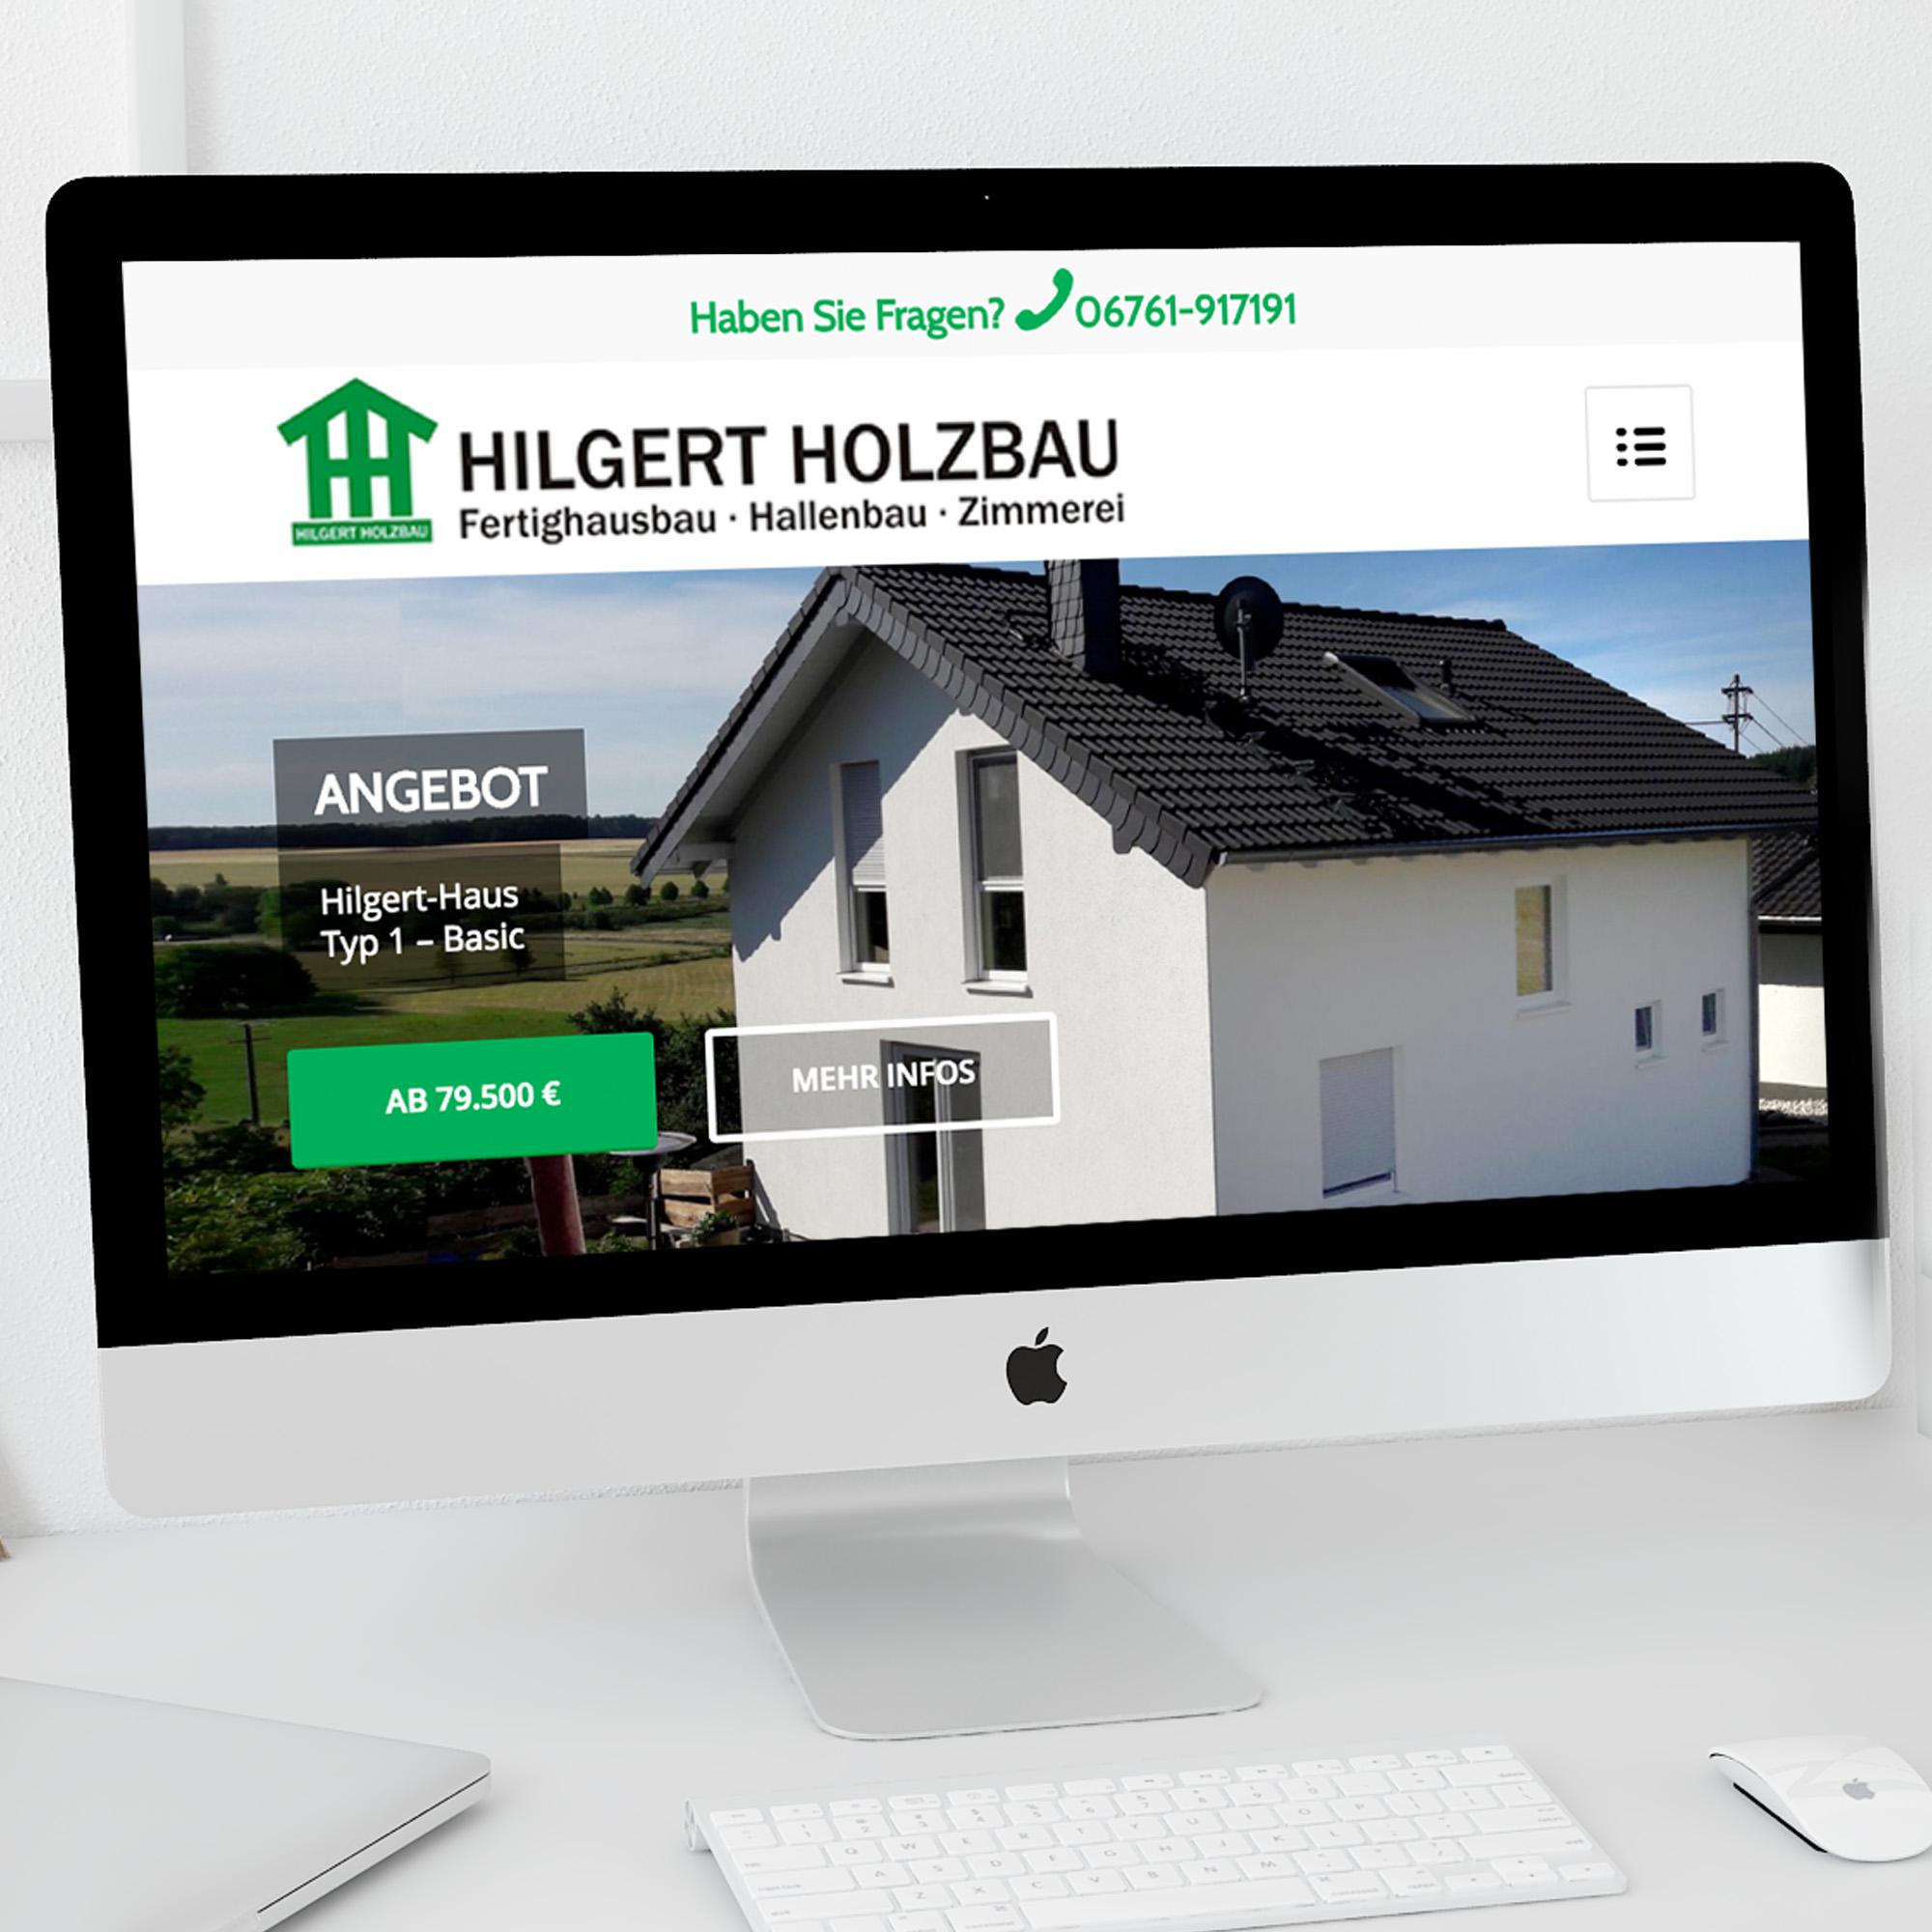 Schell-Wald Design Grafik- und Webdesign peter hilgert5